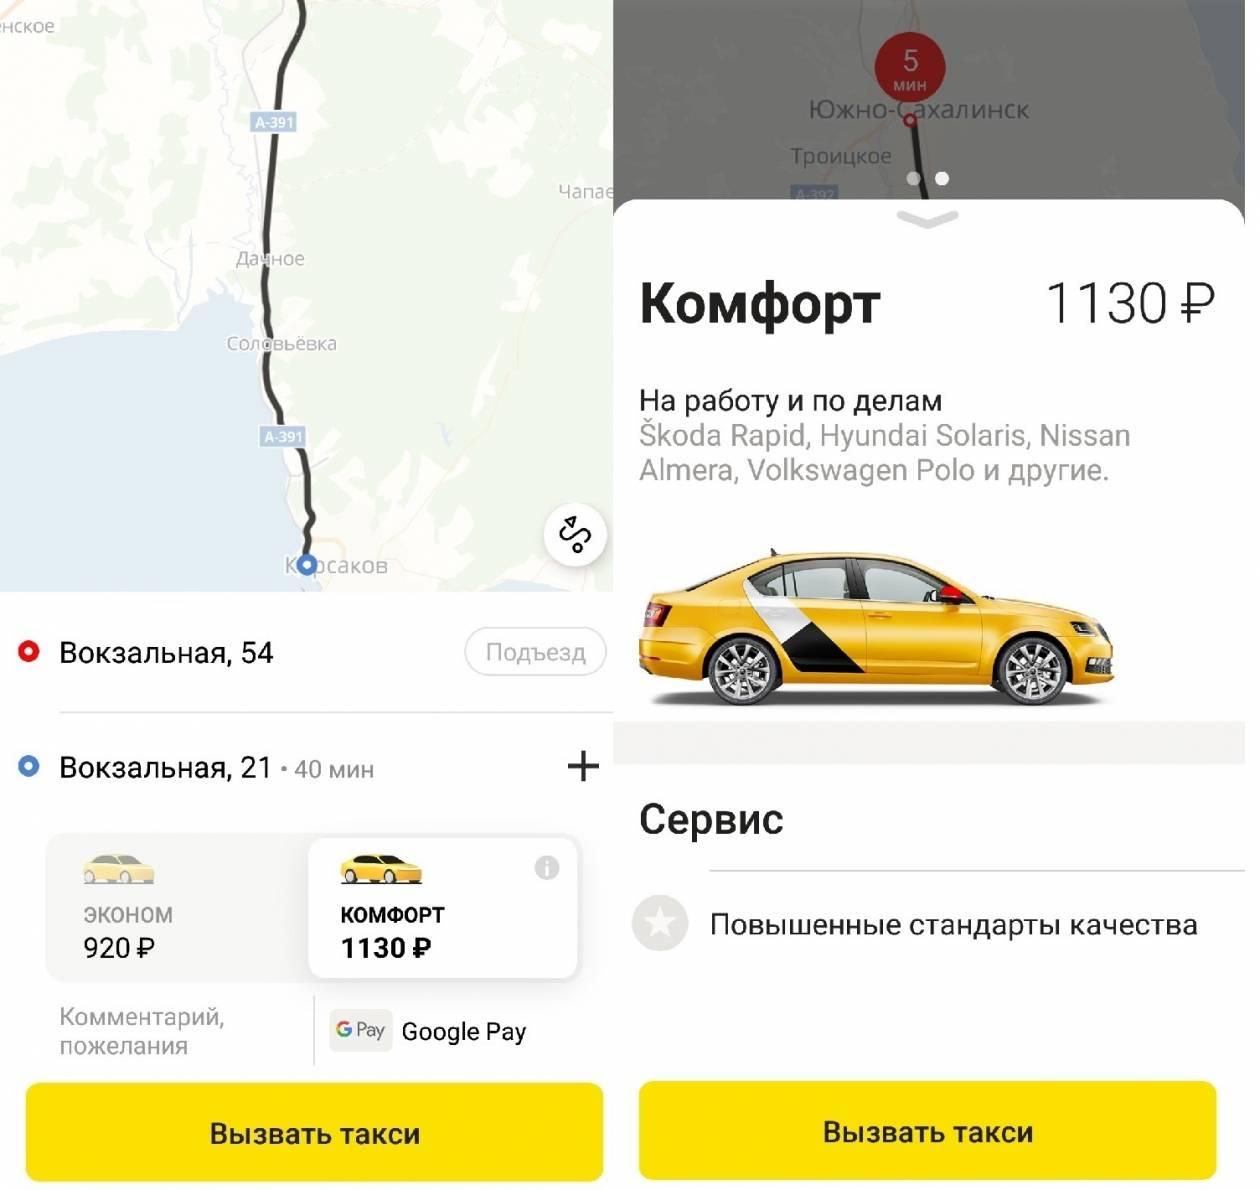 Заработок по тарифам комфорт и комфорт плюс в яндекс.такси. сентябрь 2019г. | работа в такси